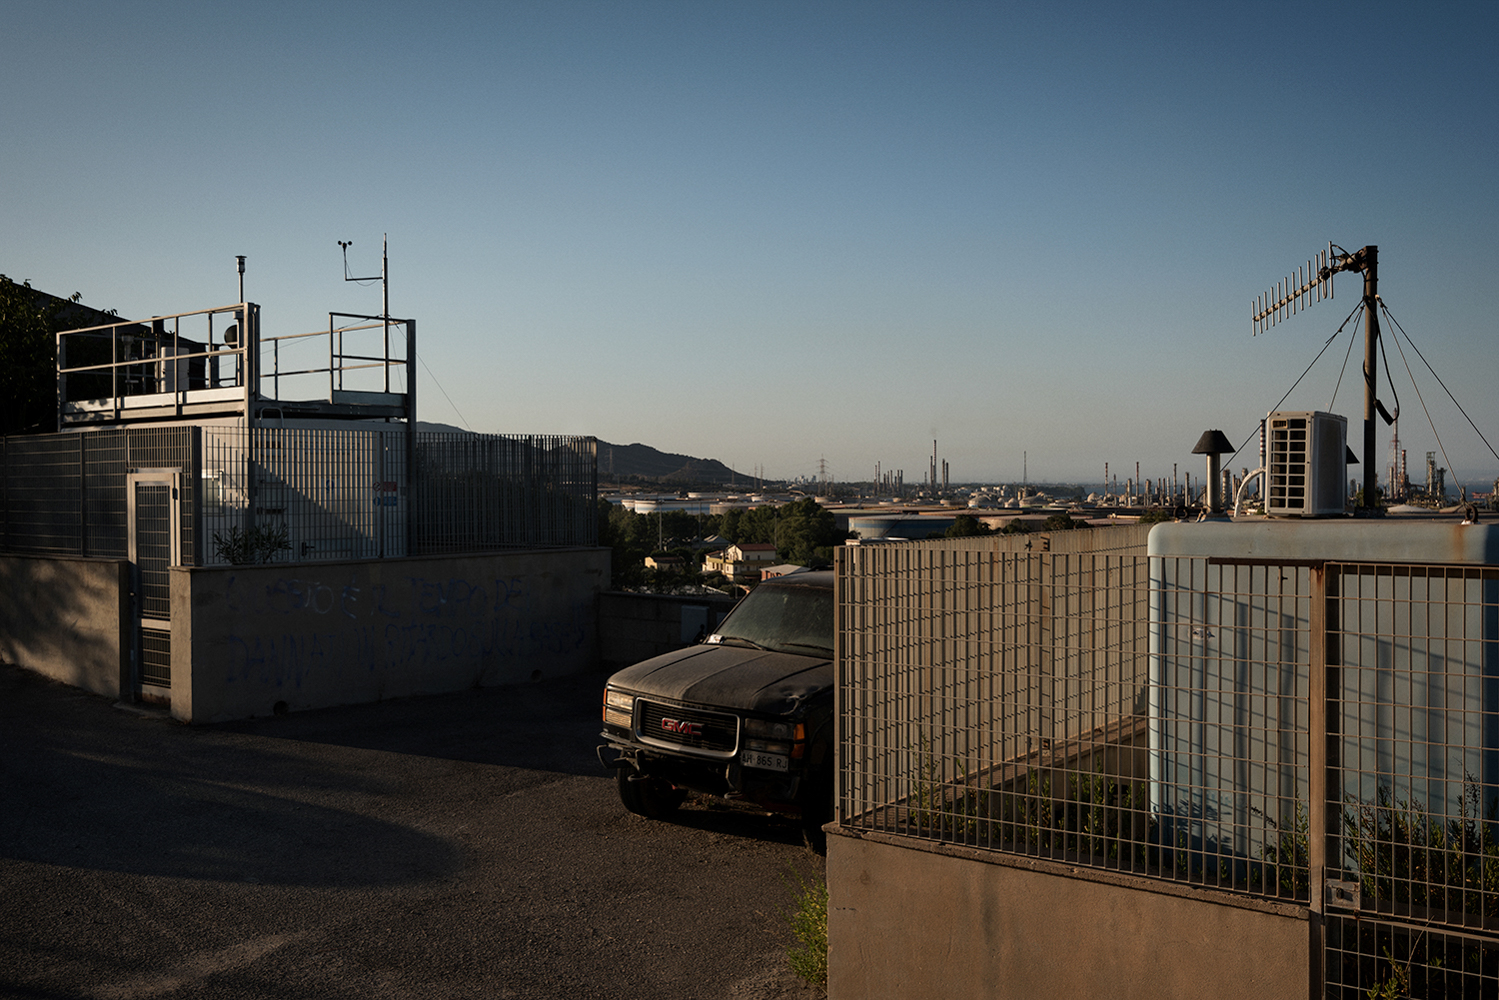 Giornalmente l'ARPAS pubblica sul sito della Regione Autonoma della Sardegna, dati relativi alla qualità dell'aria di Sarroch acquisiti dalle centraline di rilevazione. Precedenti inchieste giornalistiche hanno sollevato dubbi sulle modalità di raccolta dei dati e sulla dislocazione. Sarroch (Cagliari), 2017.